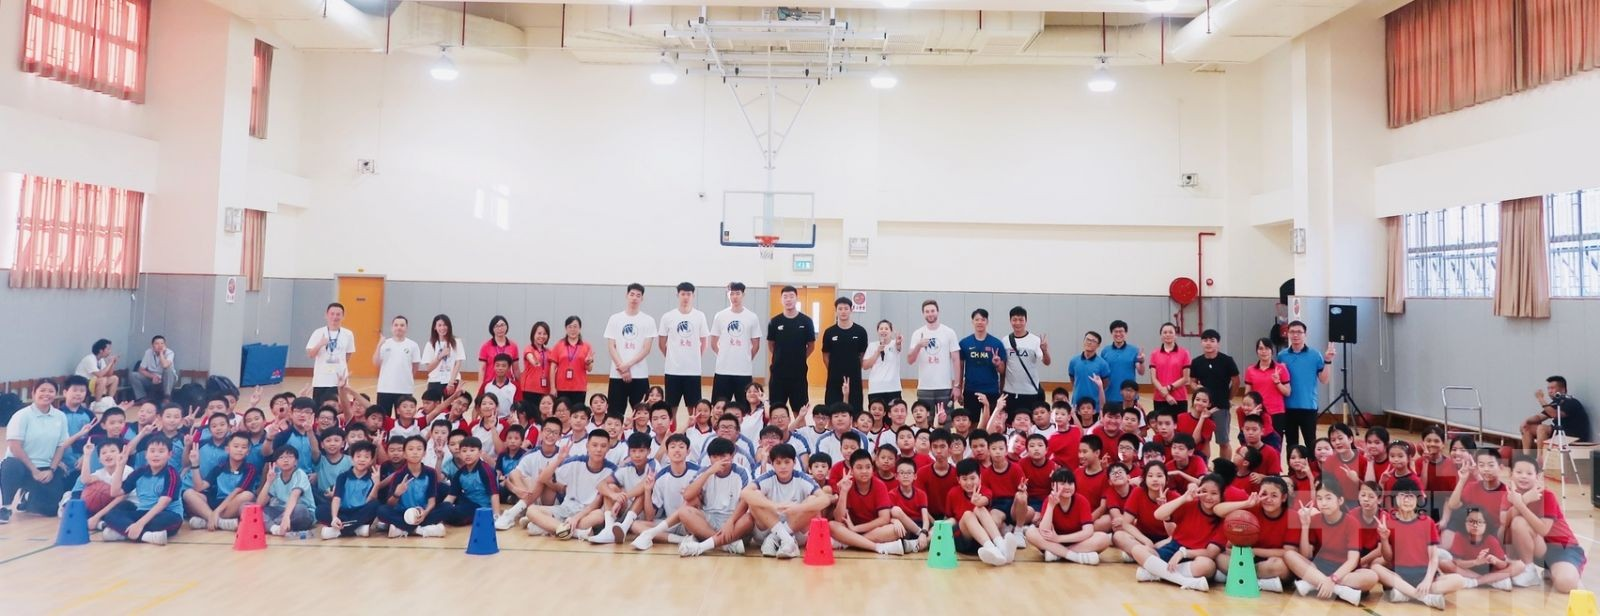 「非凡12」球星為學生傳授球技